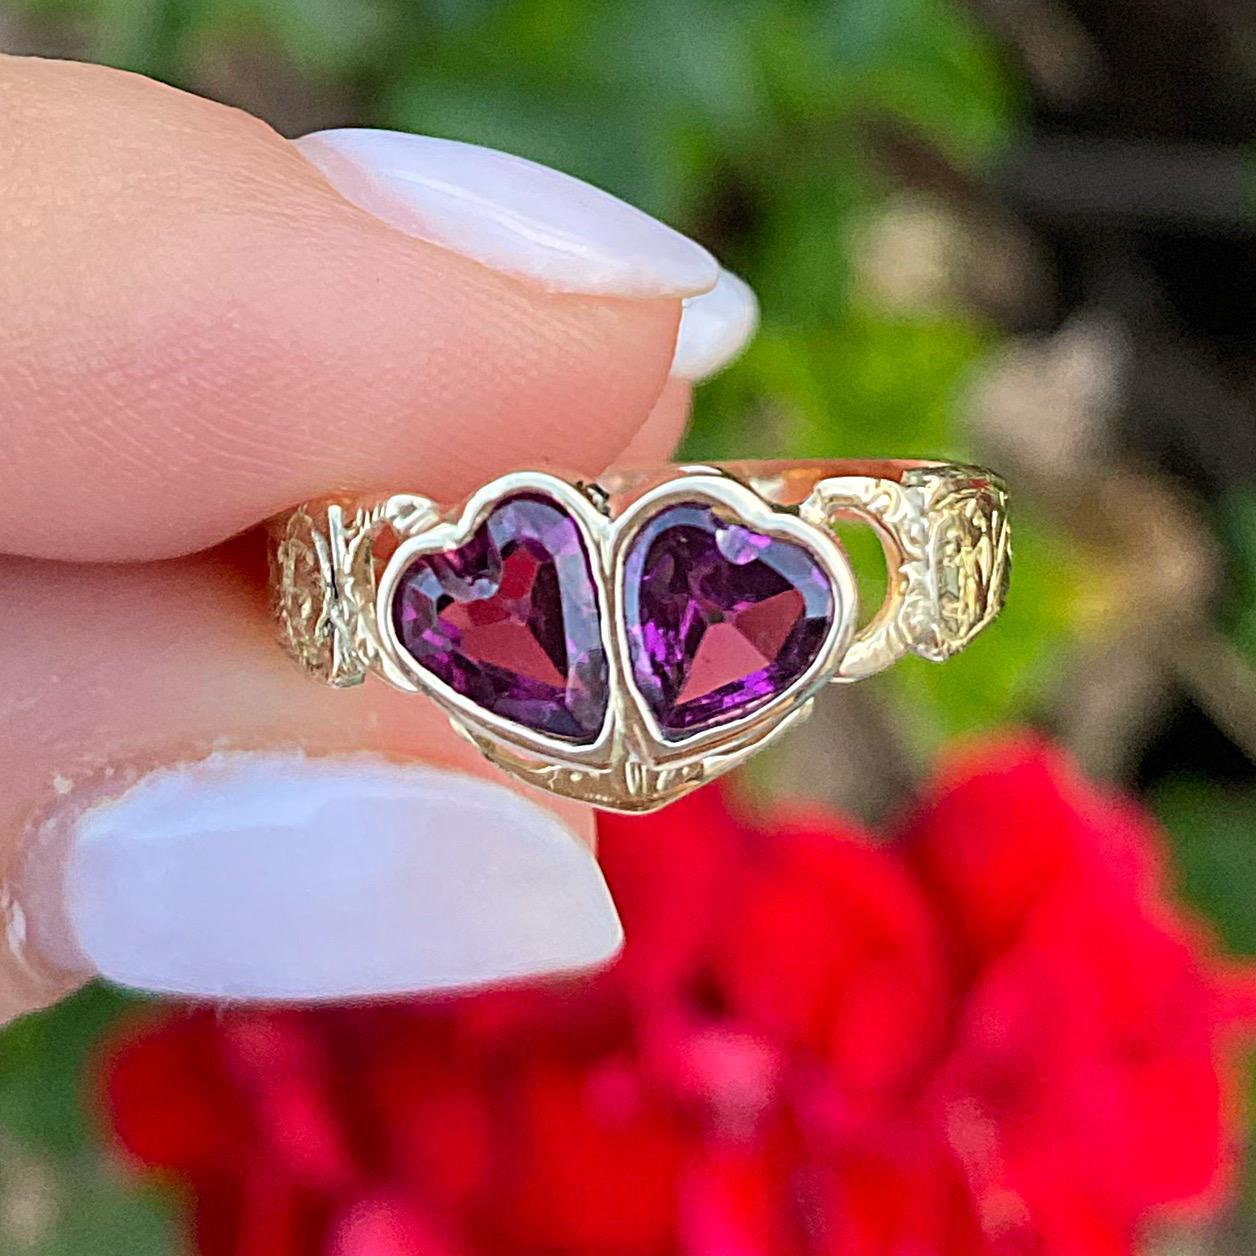 טבעת אהבה עתיקה, זהב 18k, עם 2 לבבות המשובצים באבני גרנט.